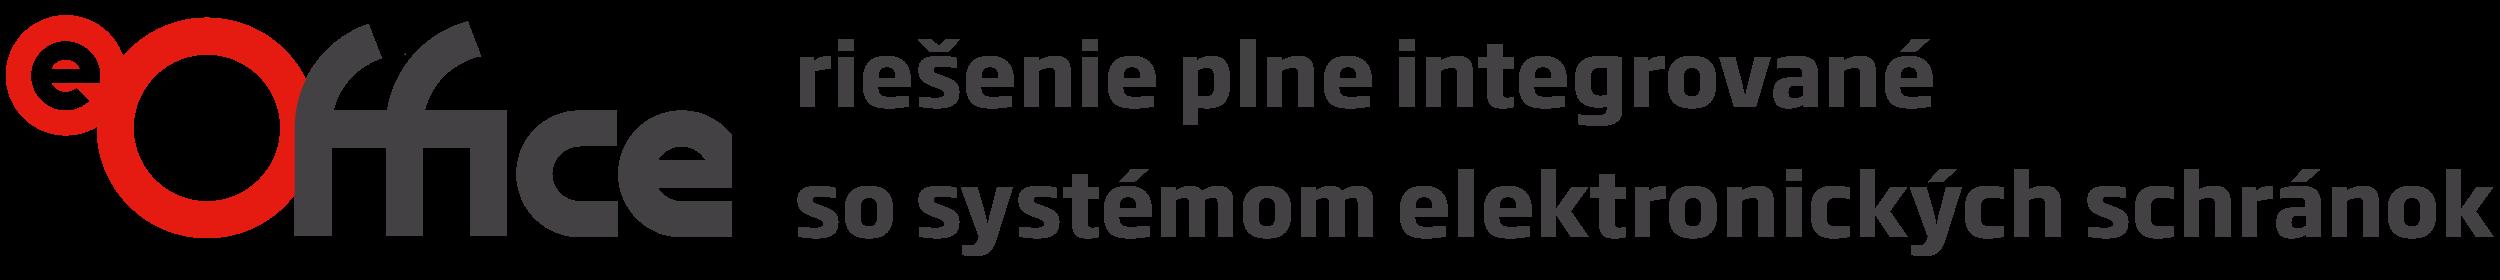 Povinná aktivácia elektronických schránok na portáli slovensko.sk pre právnické osoby - riešenie eOffice